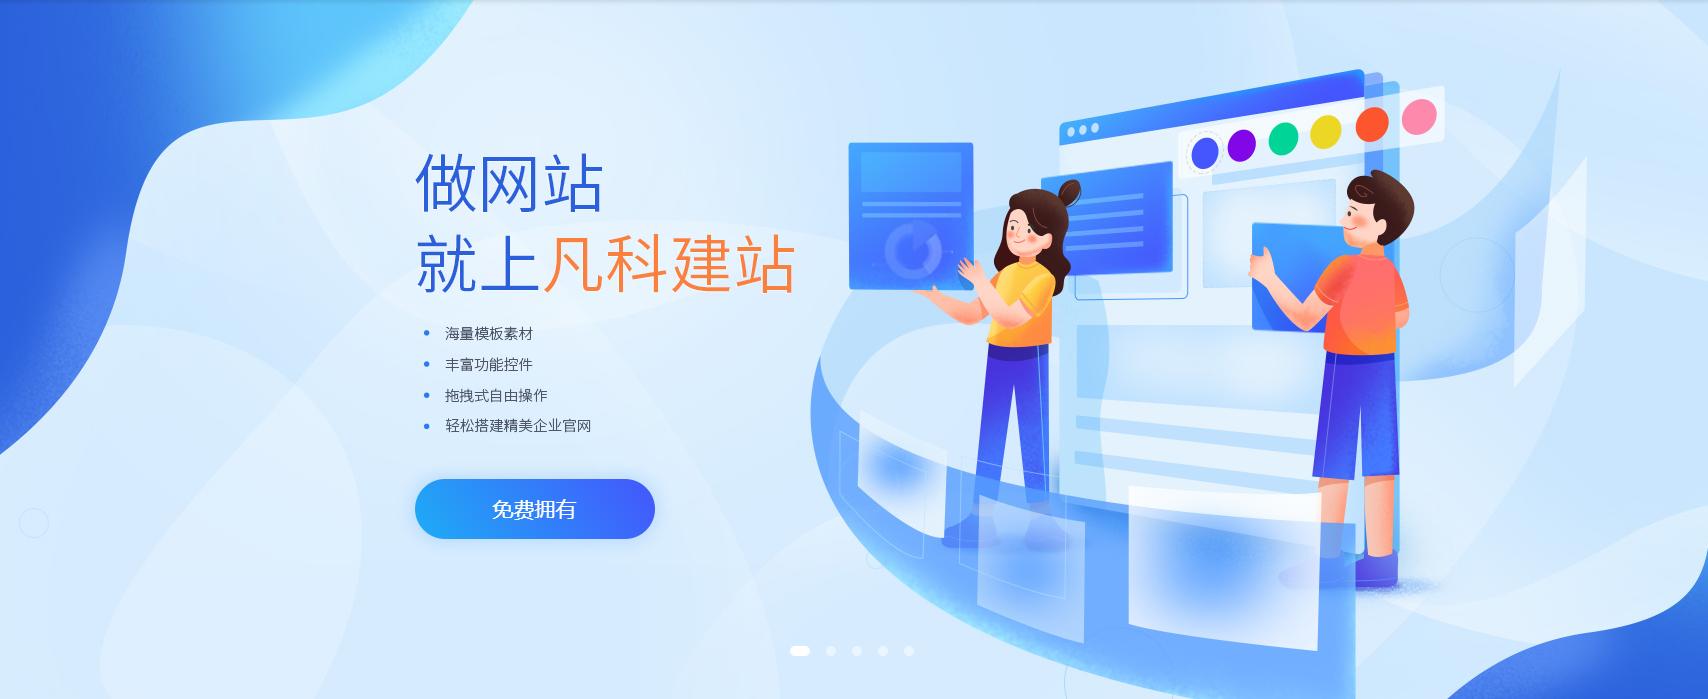 网站页脚排版设计